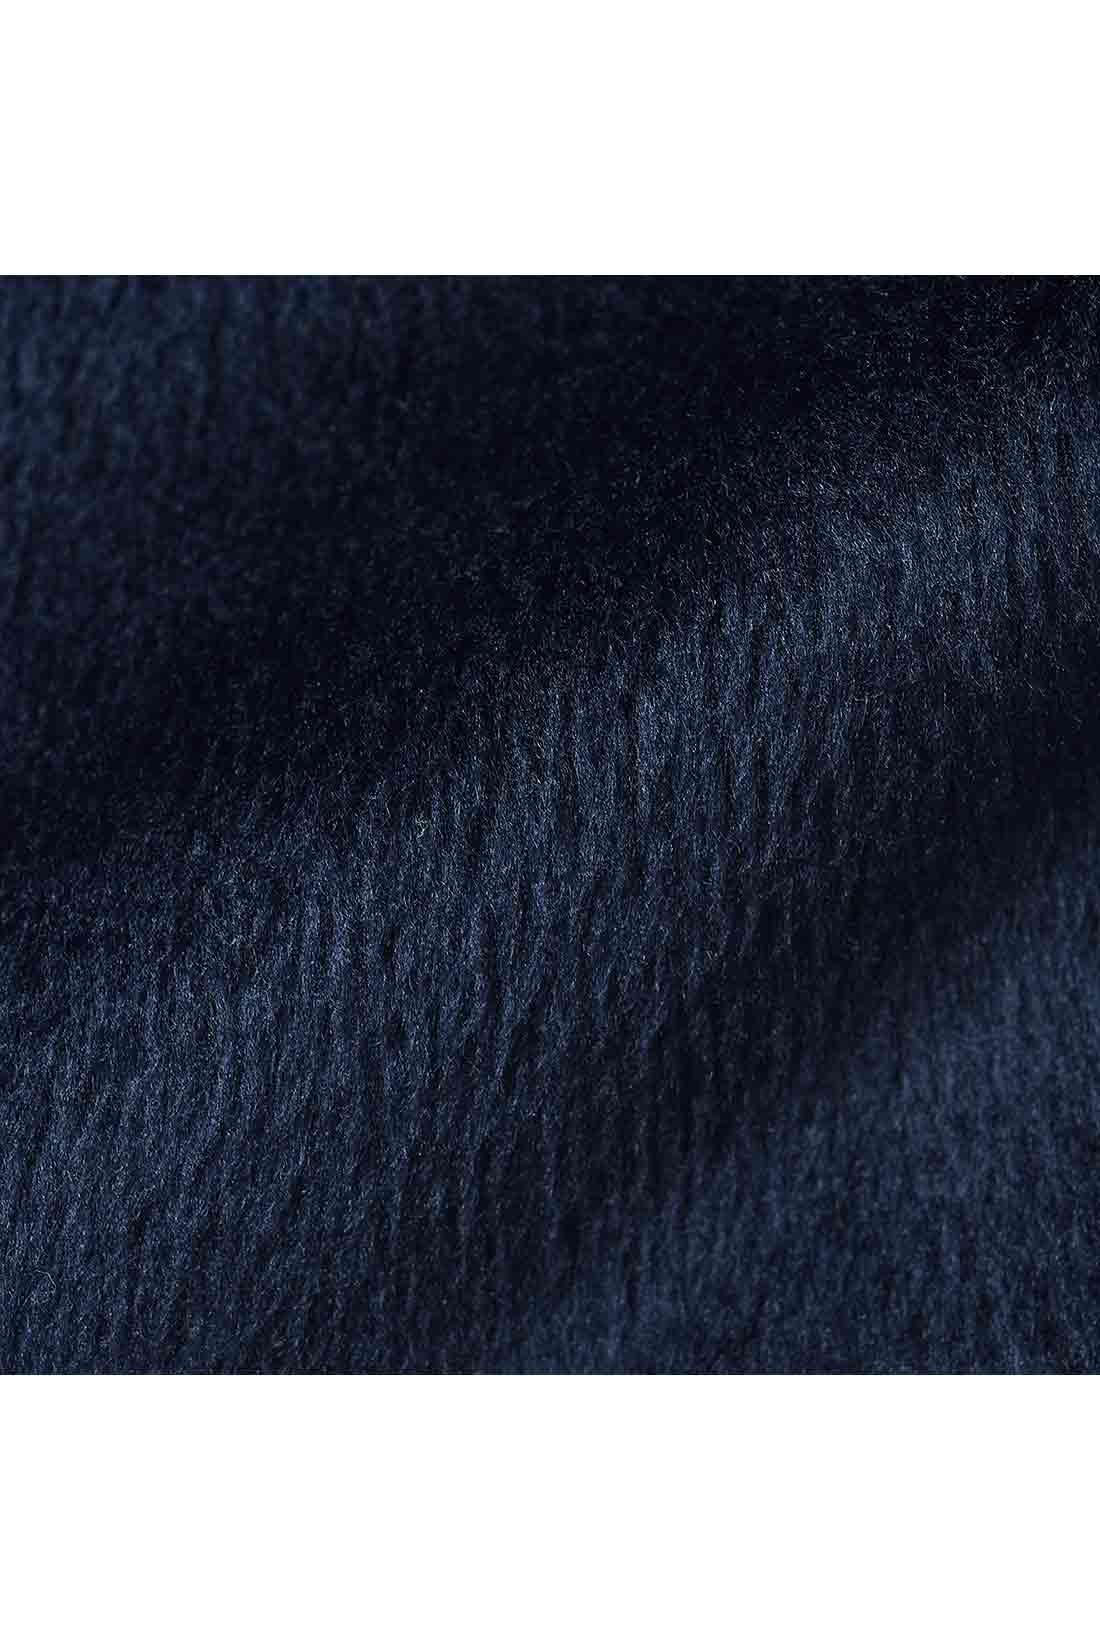 裏シャギー素材とは? 滑らかでやわらかな感触の裏シャギー起毛カットソーを使用し、ふんわり暖かく仕上げました。肉厚でも軽く、まるでブランケットに包まれているようなぬくもりです。